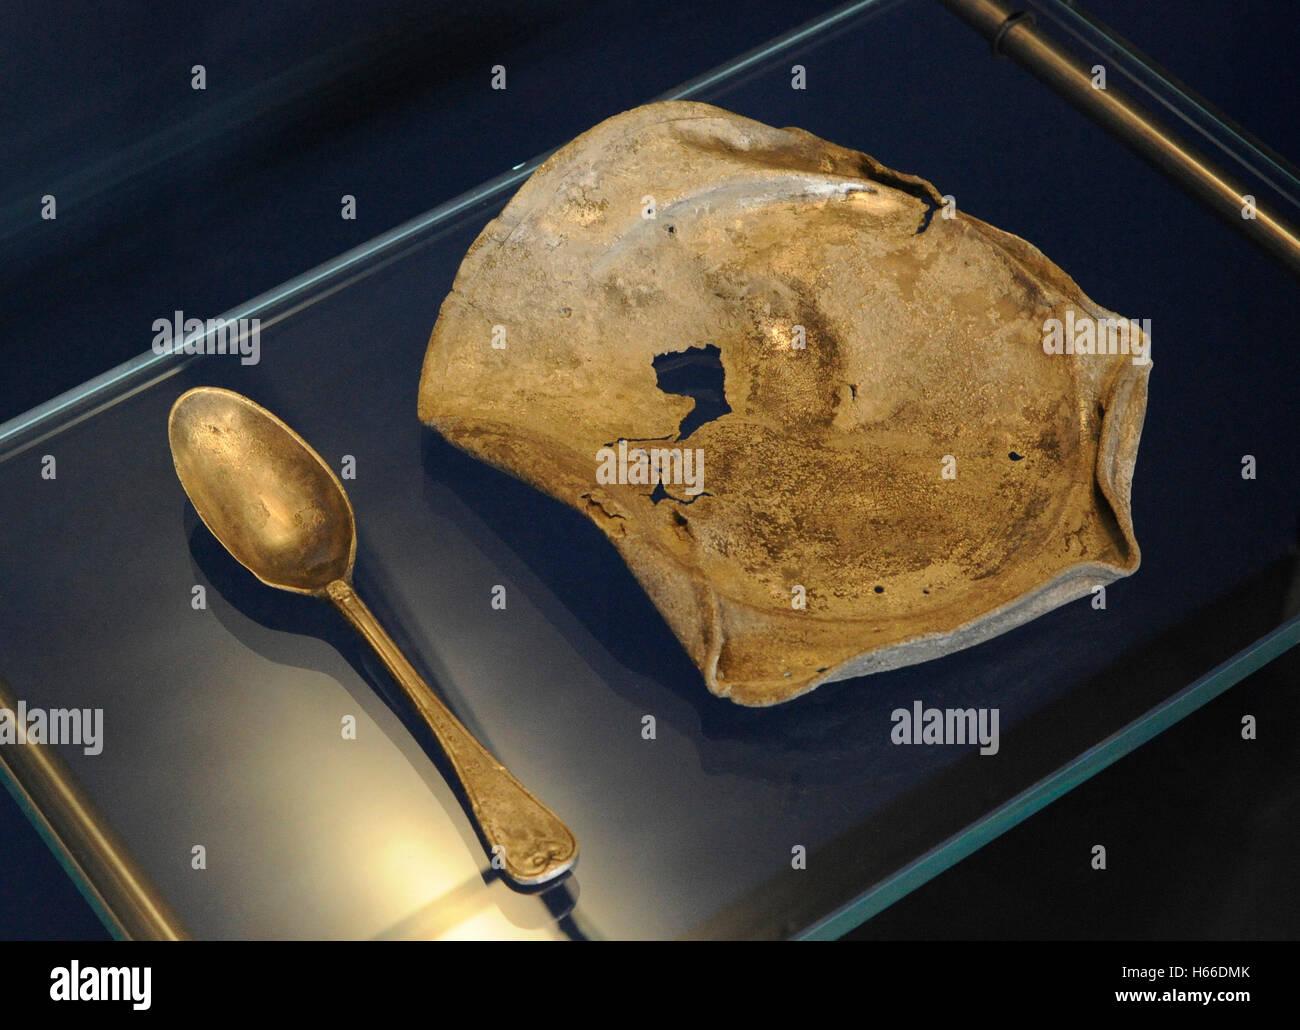 La comida era escasa en la cárcel pontones. Estos utensilios para comer fueron utilizadas por el personal en un barco noruego justo antes de las guerras napoleónicas. A principios del siglo XIX. Museo Histórico. Oslo. Noruega. Foto de stock